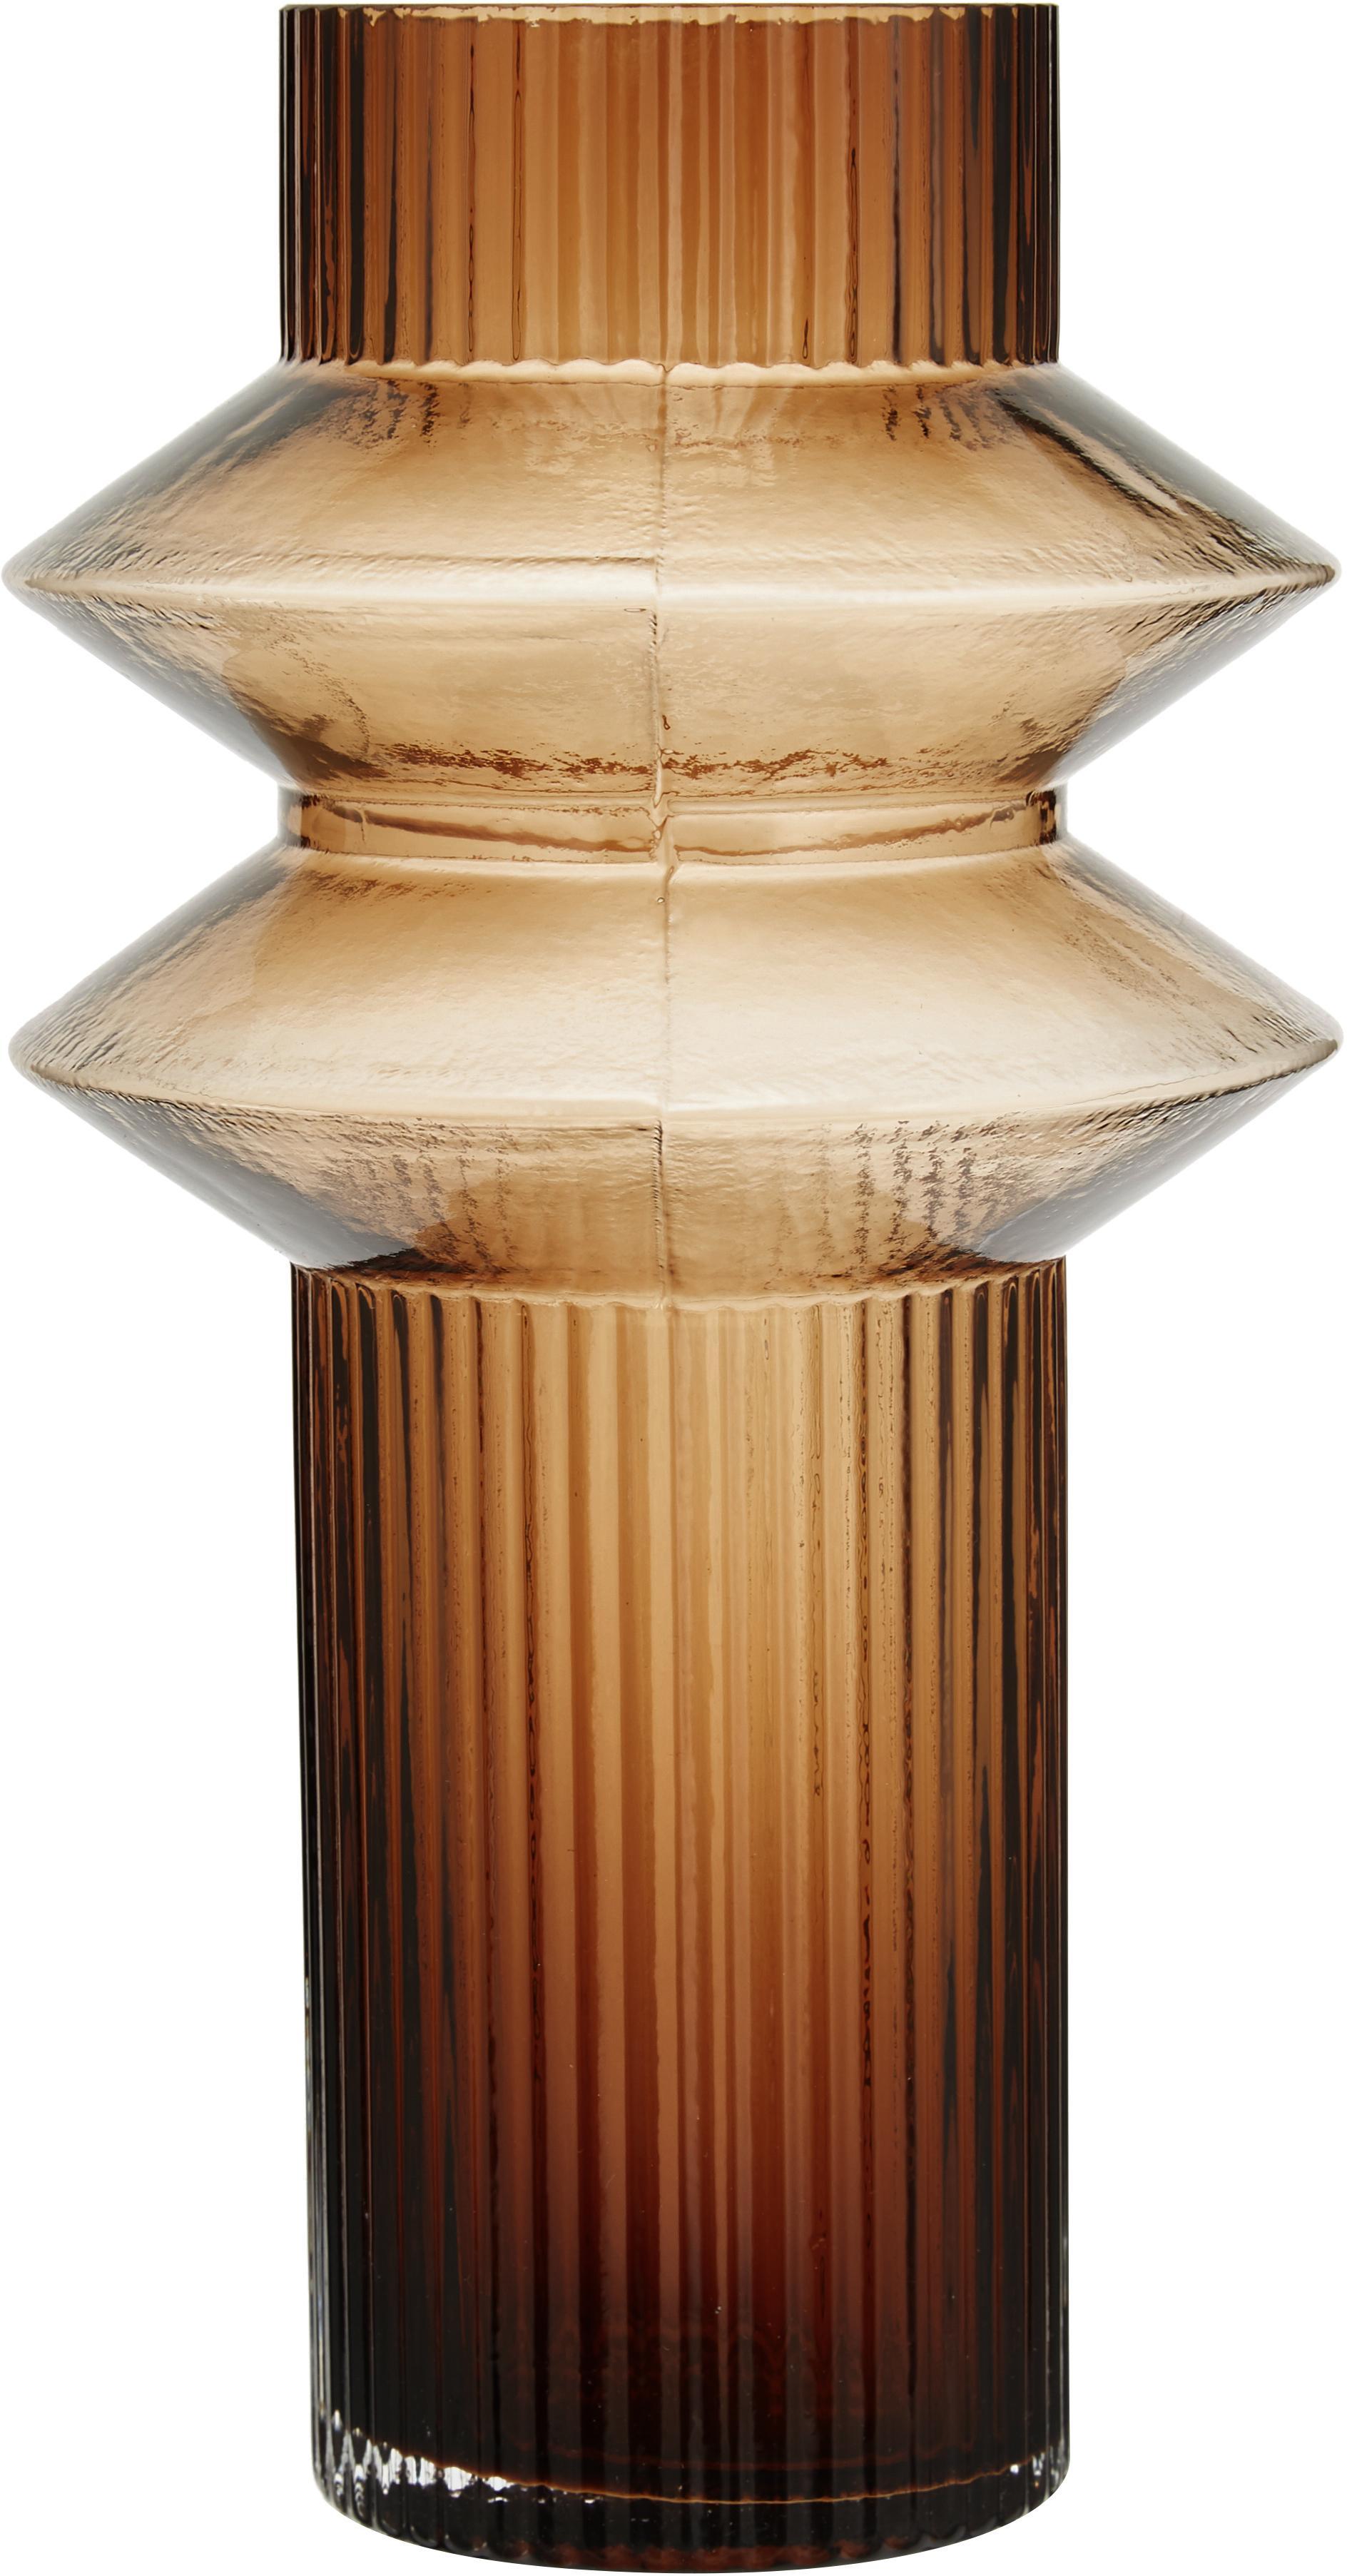 Große Glas-Vase Rilla, Glas, Bernsteinfarben, Ø 15 x H 29 cm